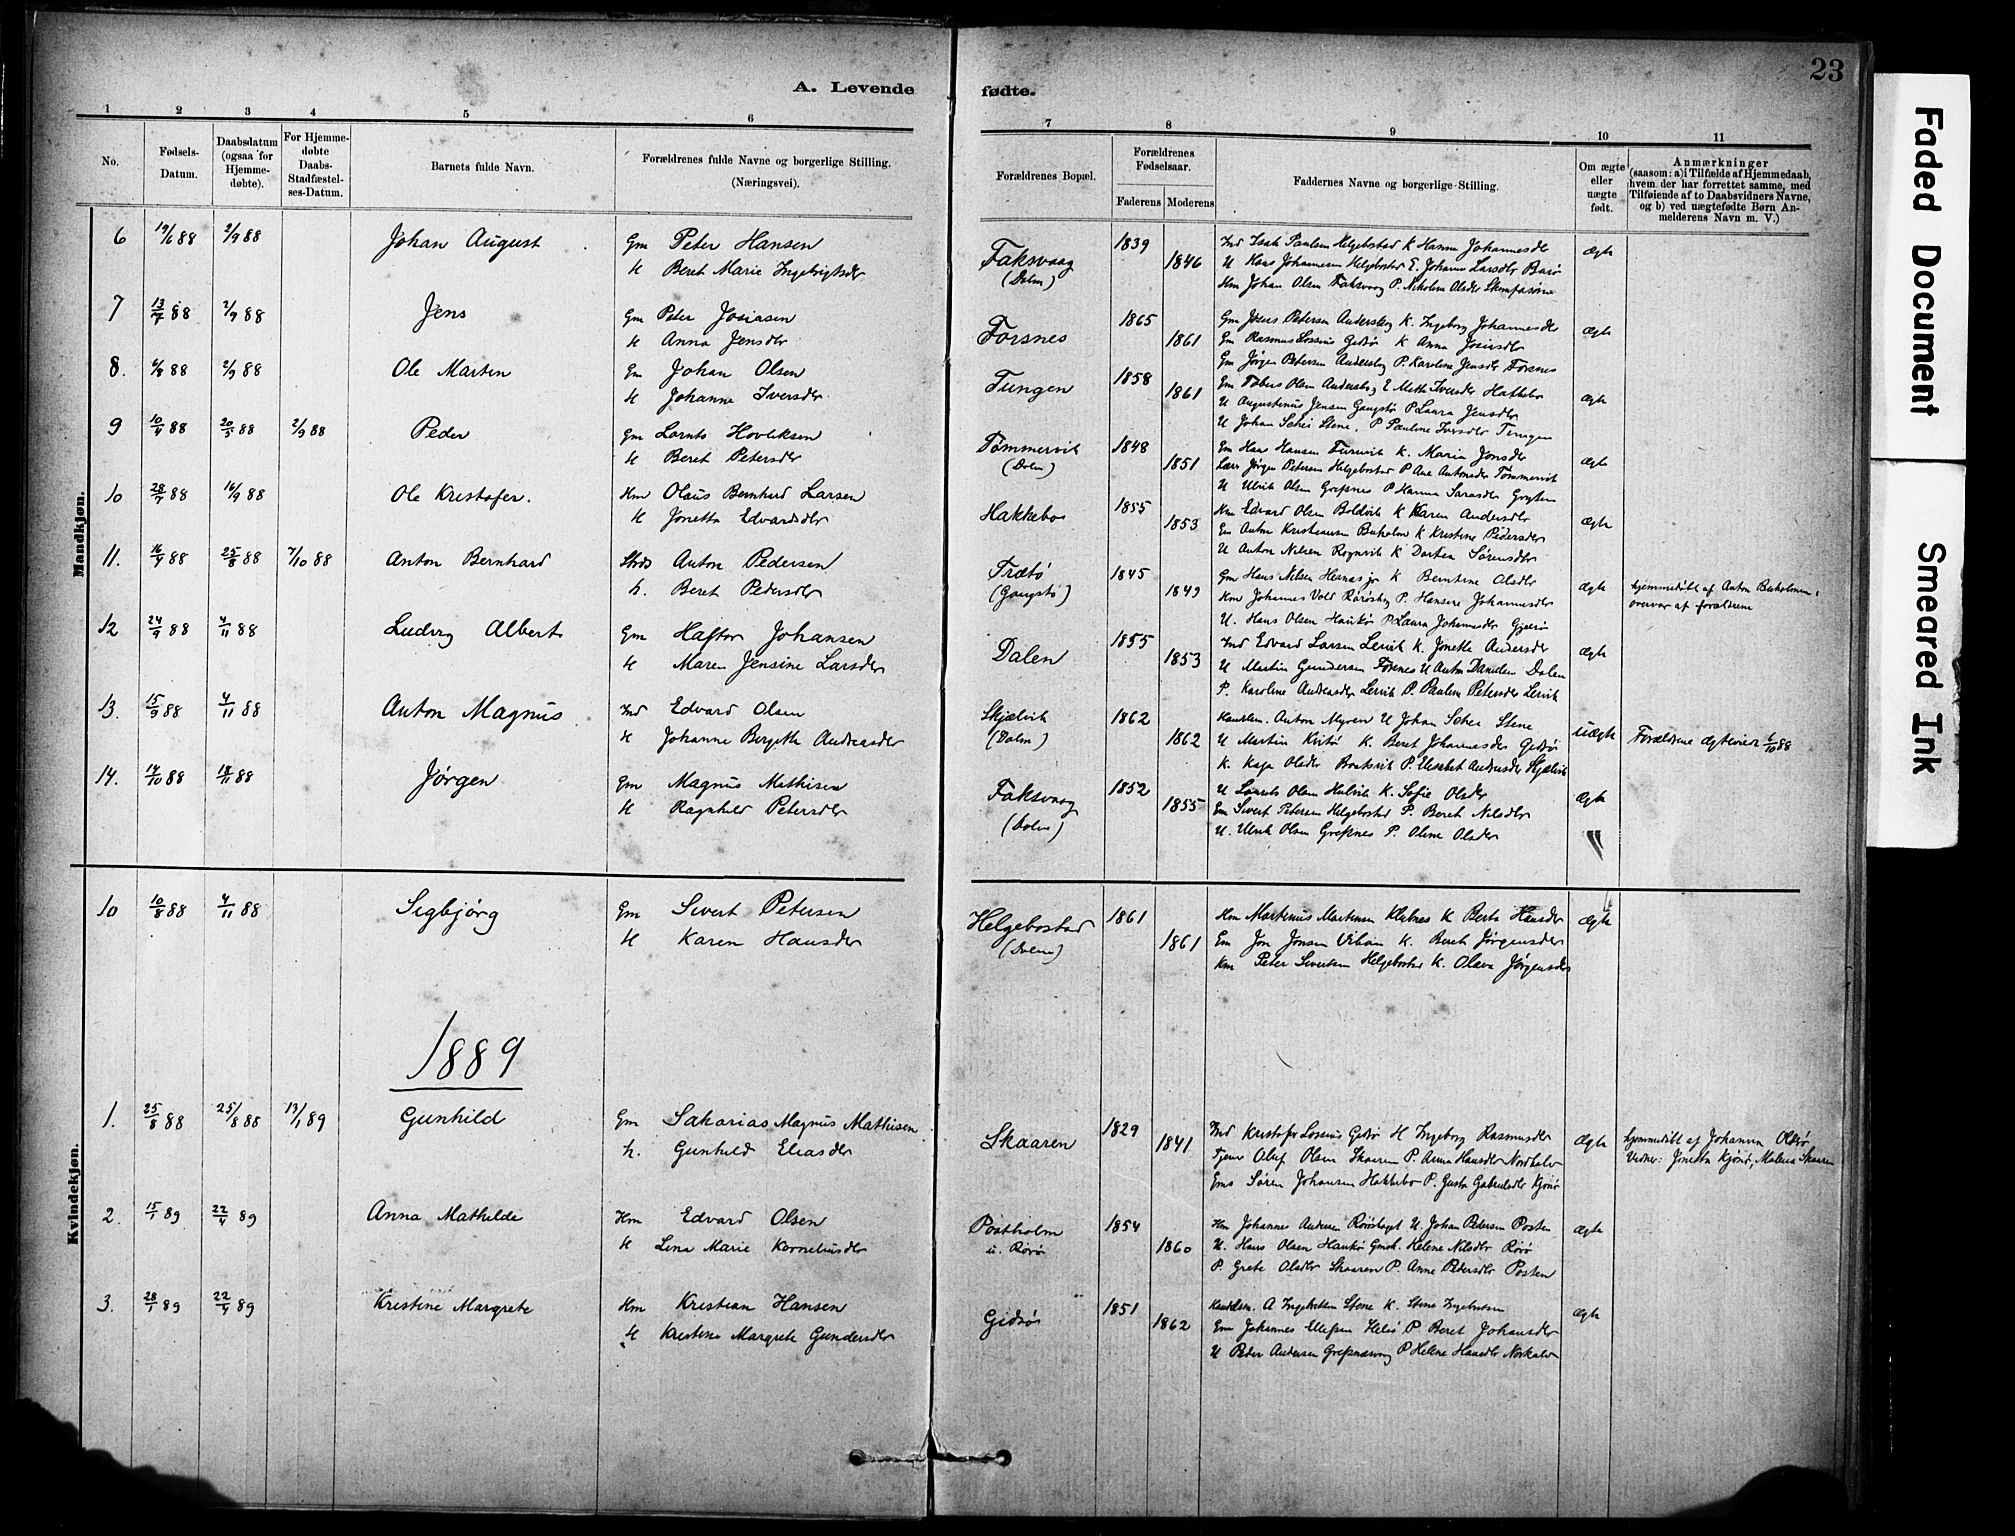 SAT, Ministerialprotokoller, klokkerbøker og fødselsregistre - Sør-Trøndelag, 635/L0551: Ministerialbok nr. 635A01, 1882-1899, s. 23